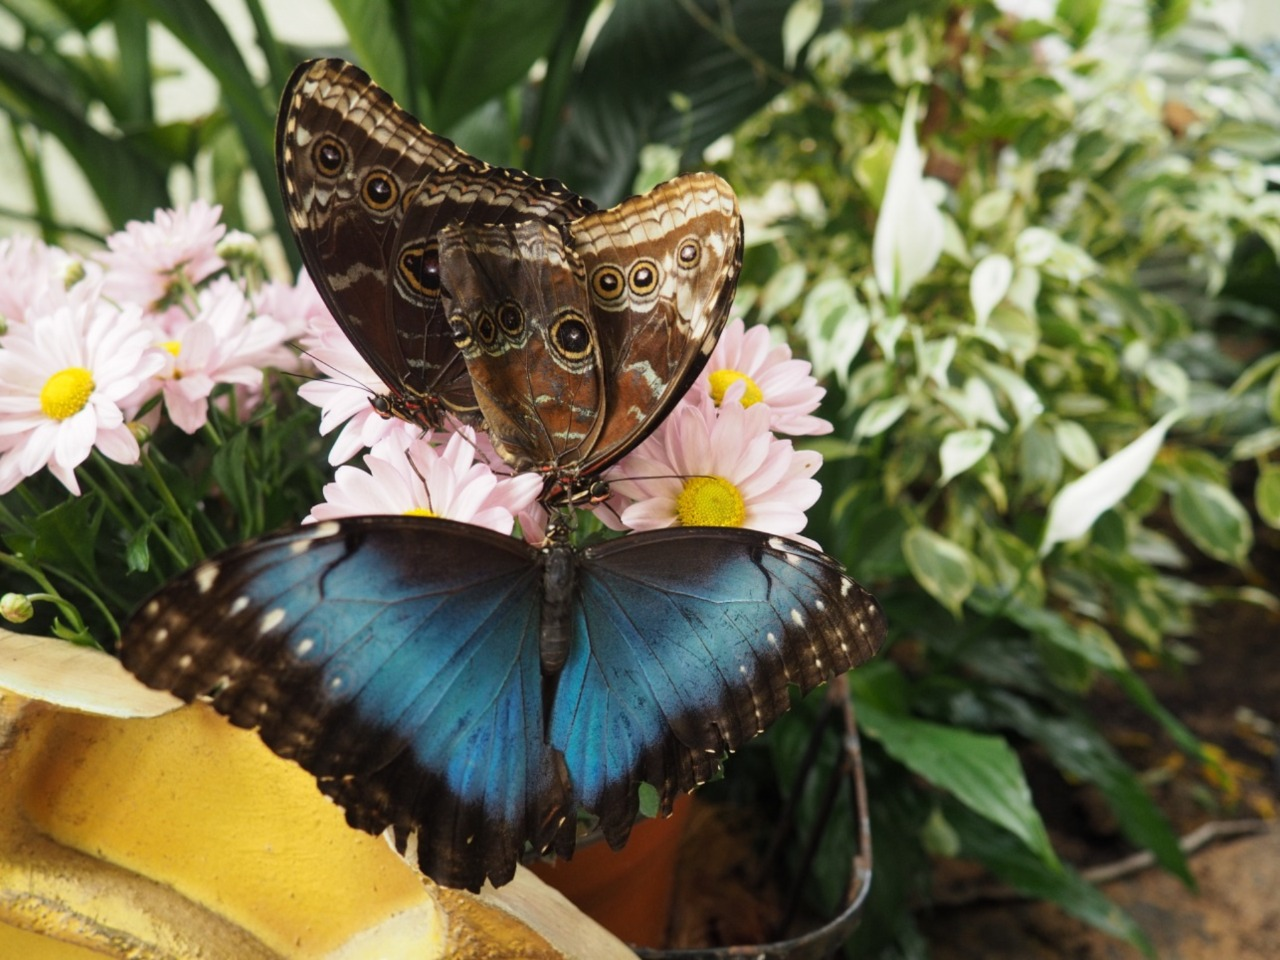 Парк Бабочек - индивидуальная экскурсия в Дубае от опытного гида